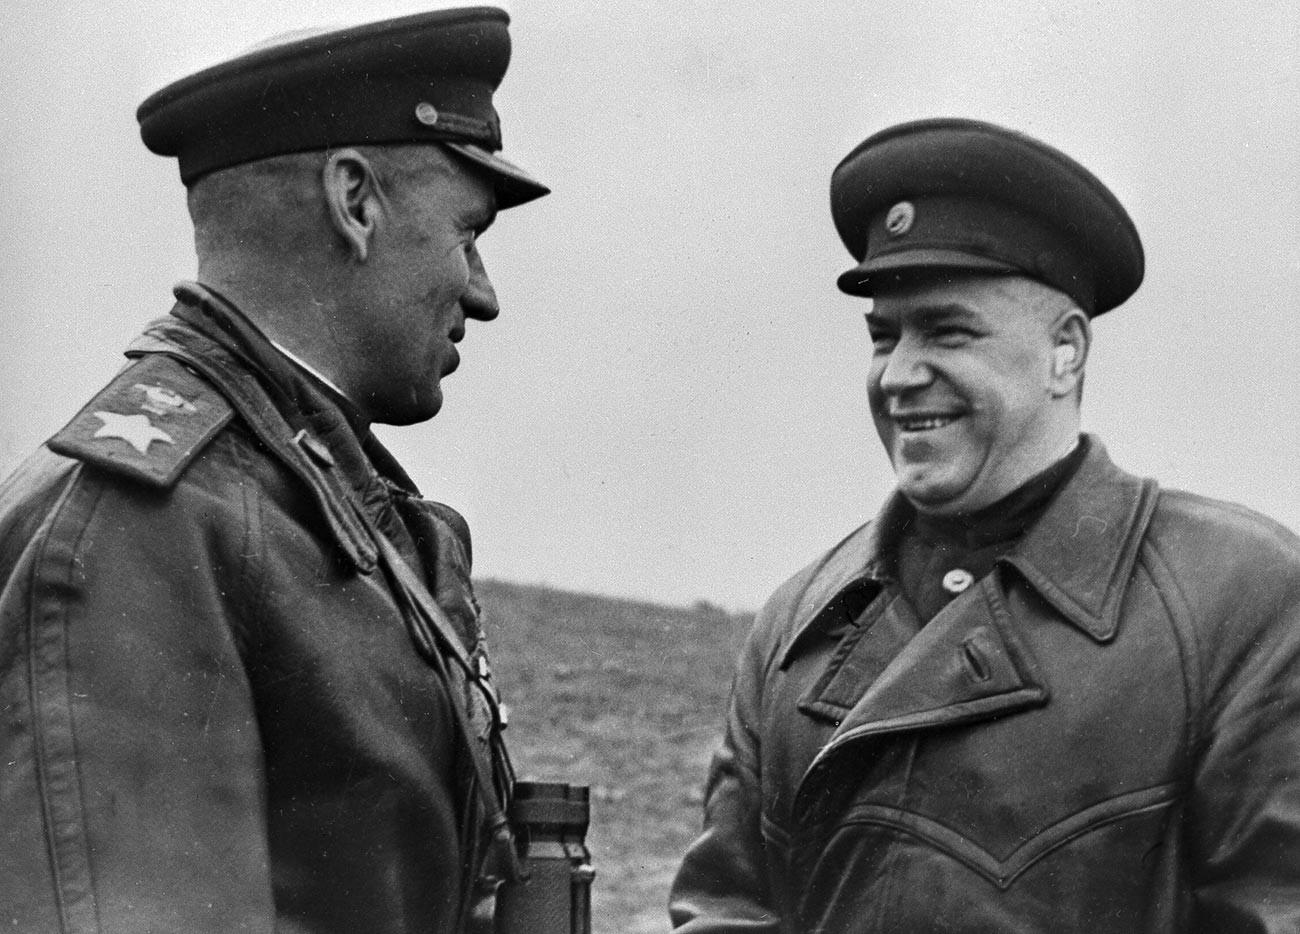 Poveljnik 1. beloruske fronte maršal Konstantin Rokosovski in predstavnik glavnega štaba maršal Georgij Žukov na Poljskem